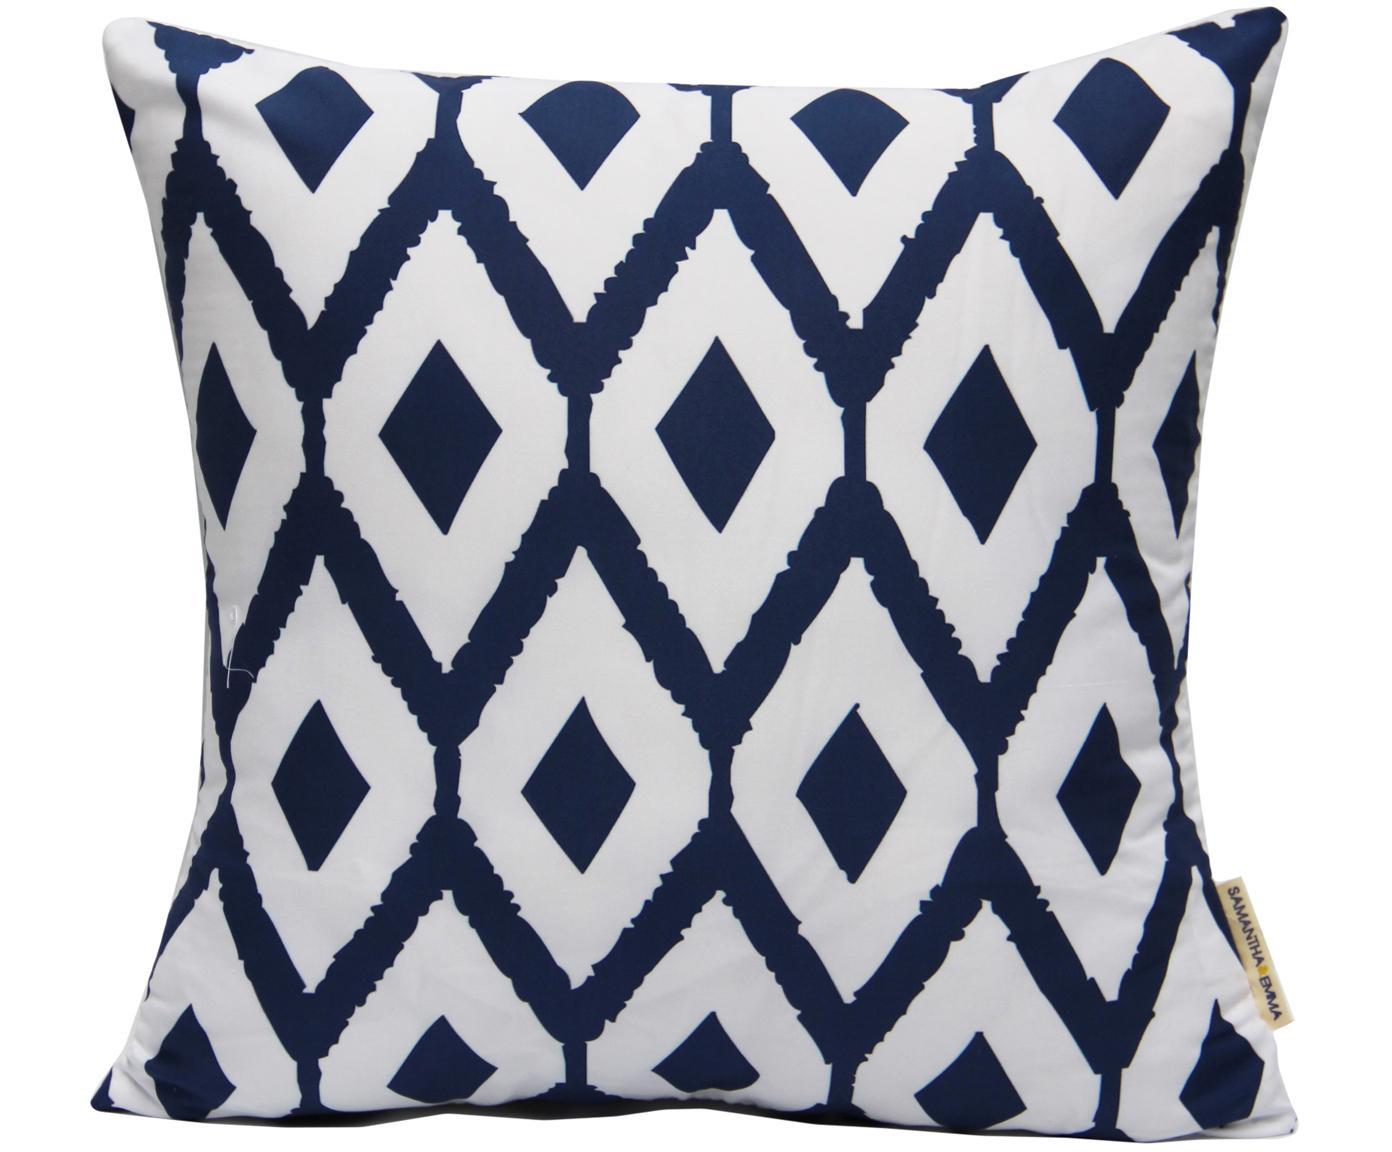 Poszewka na poduszkę Barbara, Poliester, Biały, niebieski, S 40 x D 40 cm